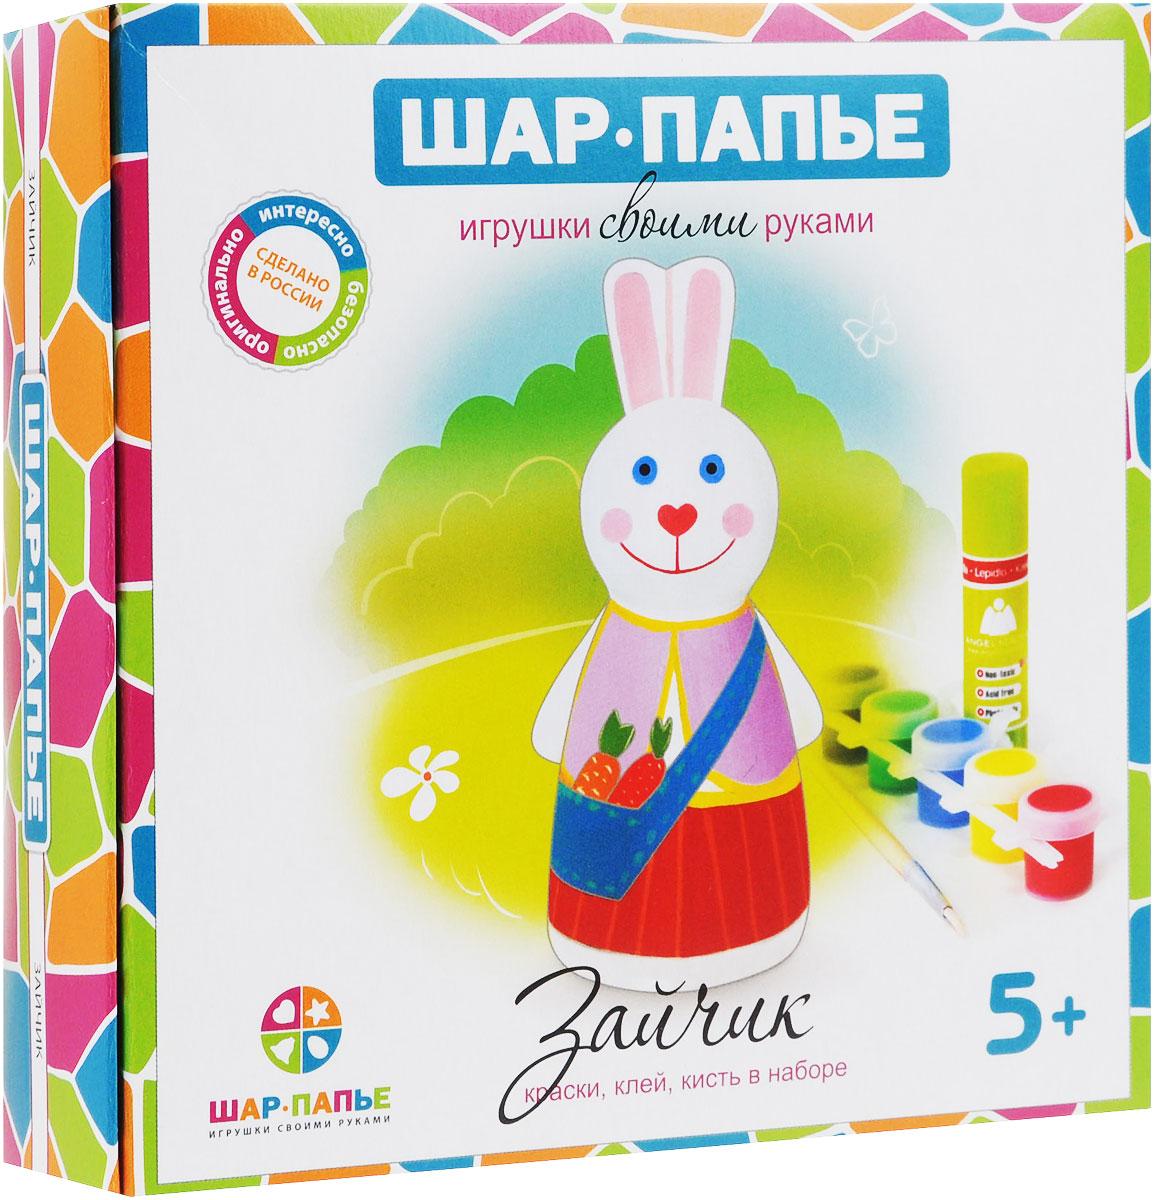 Шар-папье Набор для изготовления игрушки Зайчик